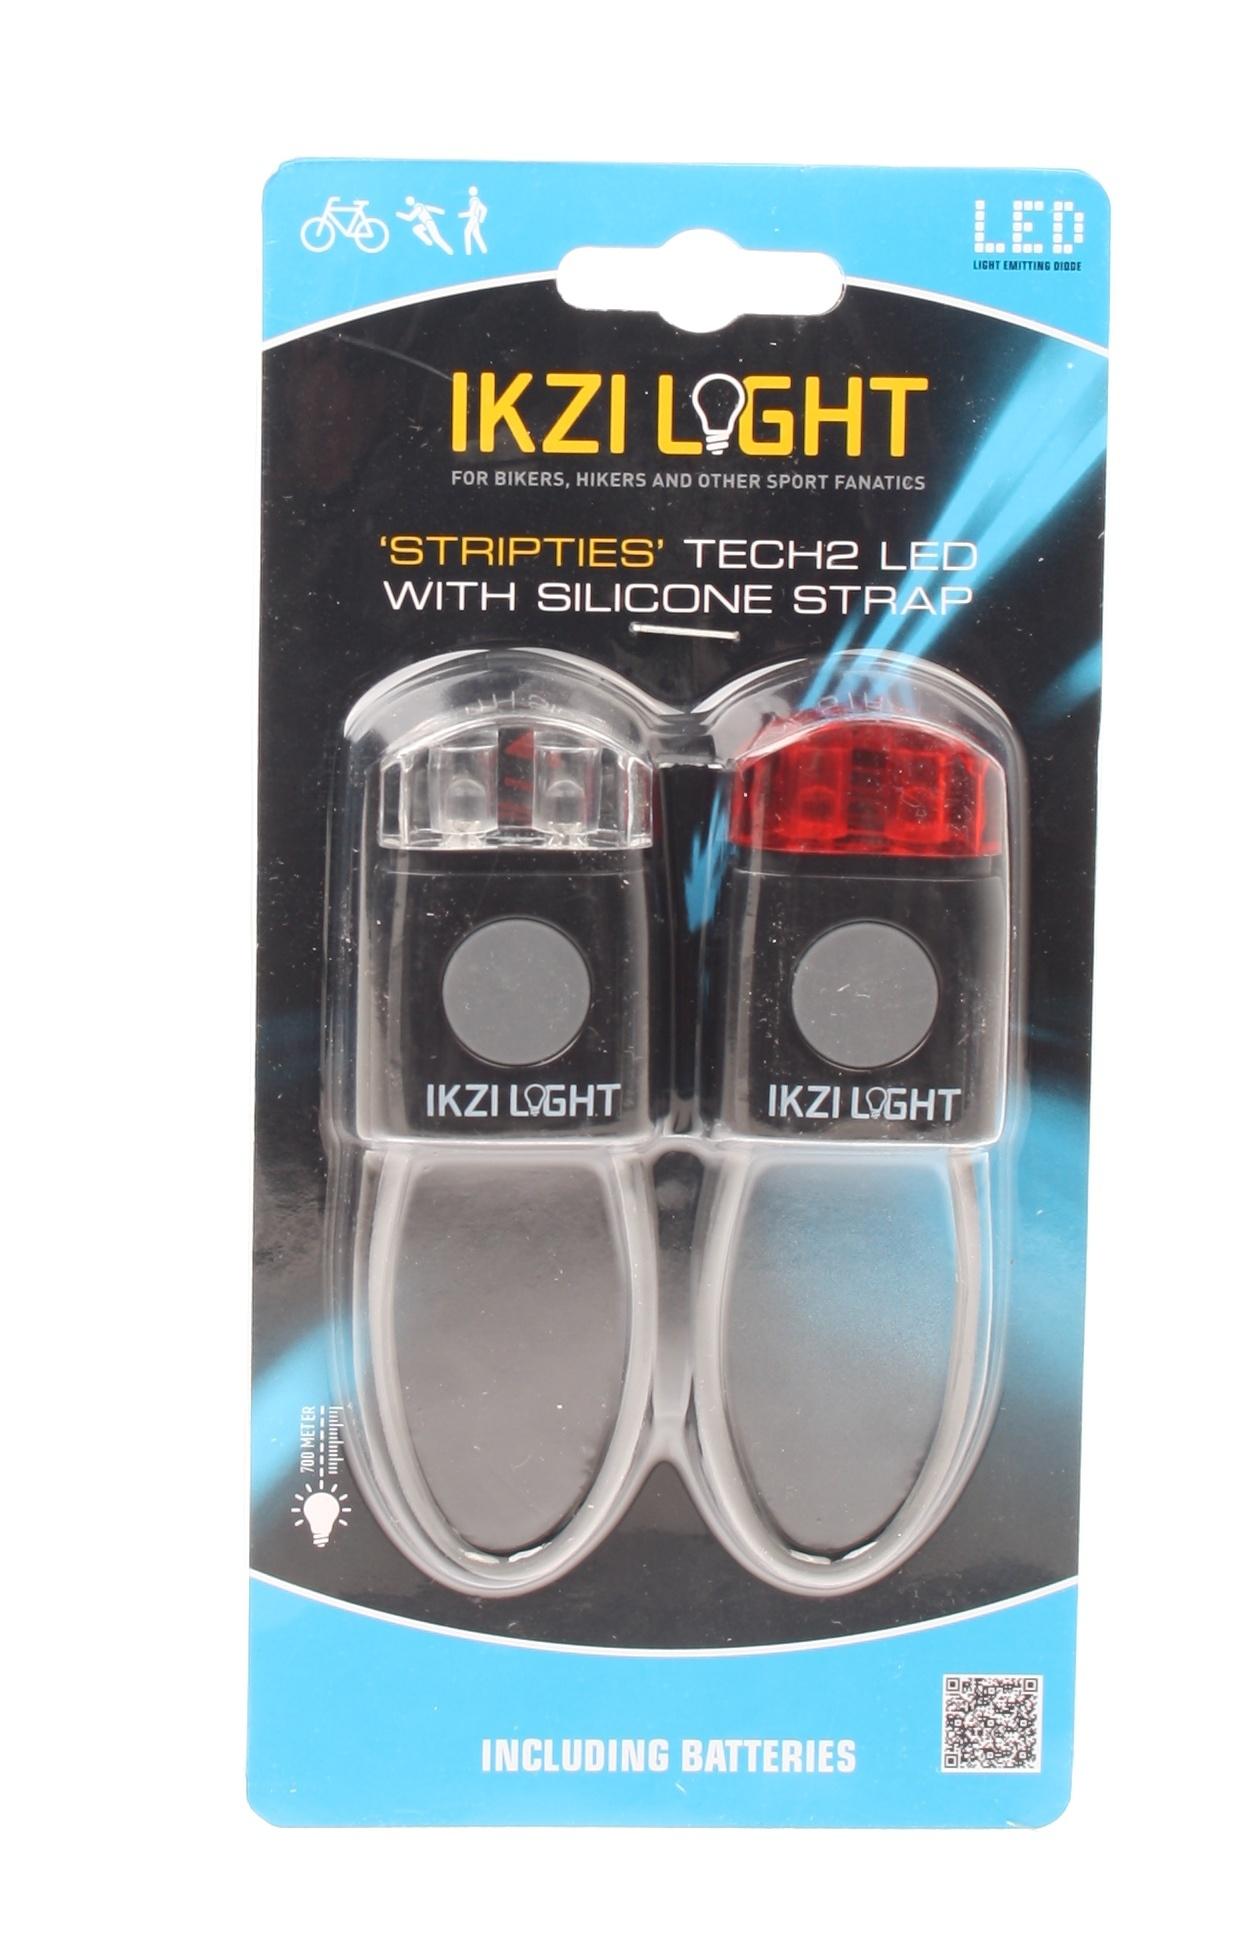 https://www.internet-bikes.com/producten/large/ikzi_light_verlichtingsset_stripties_led_zwart_79232.jpg